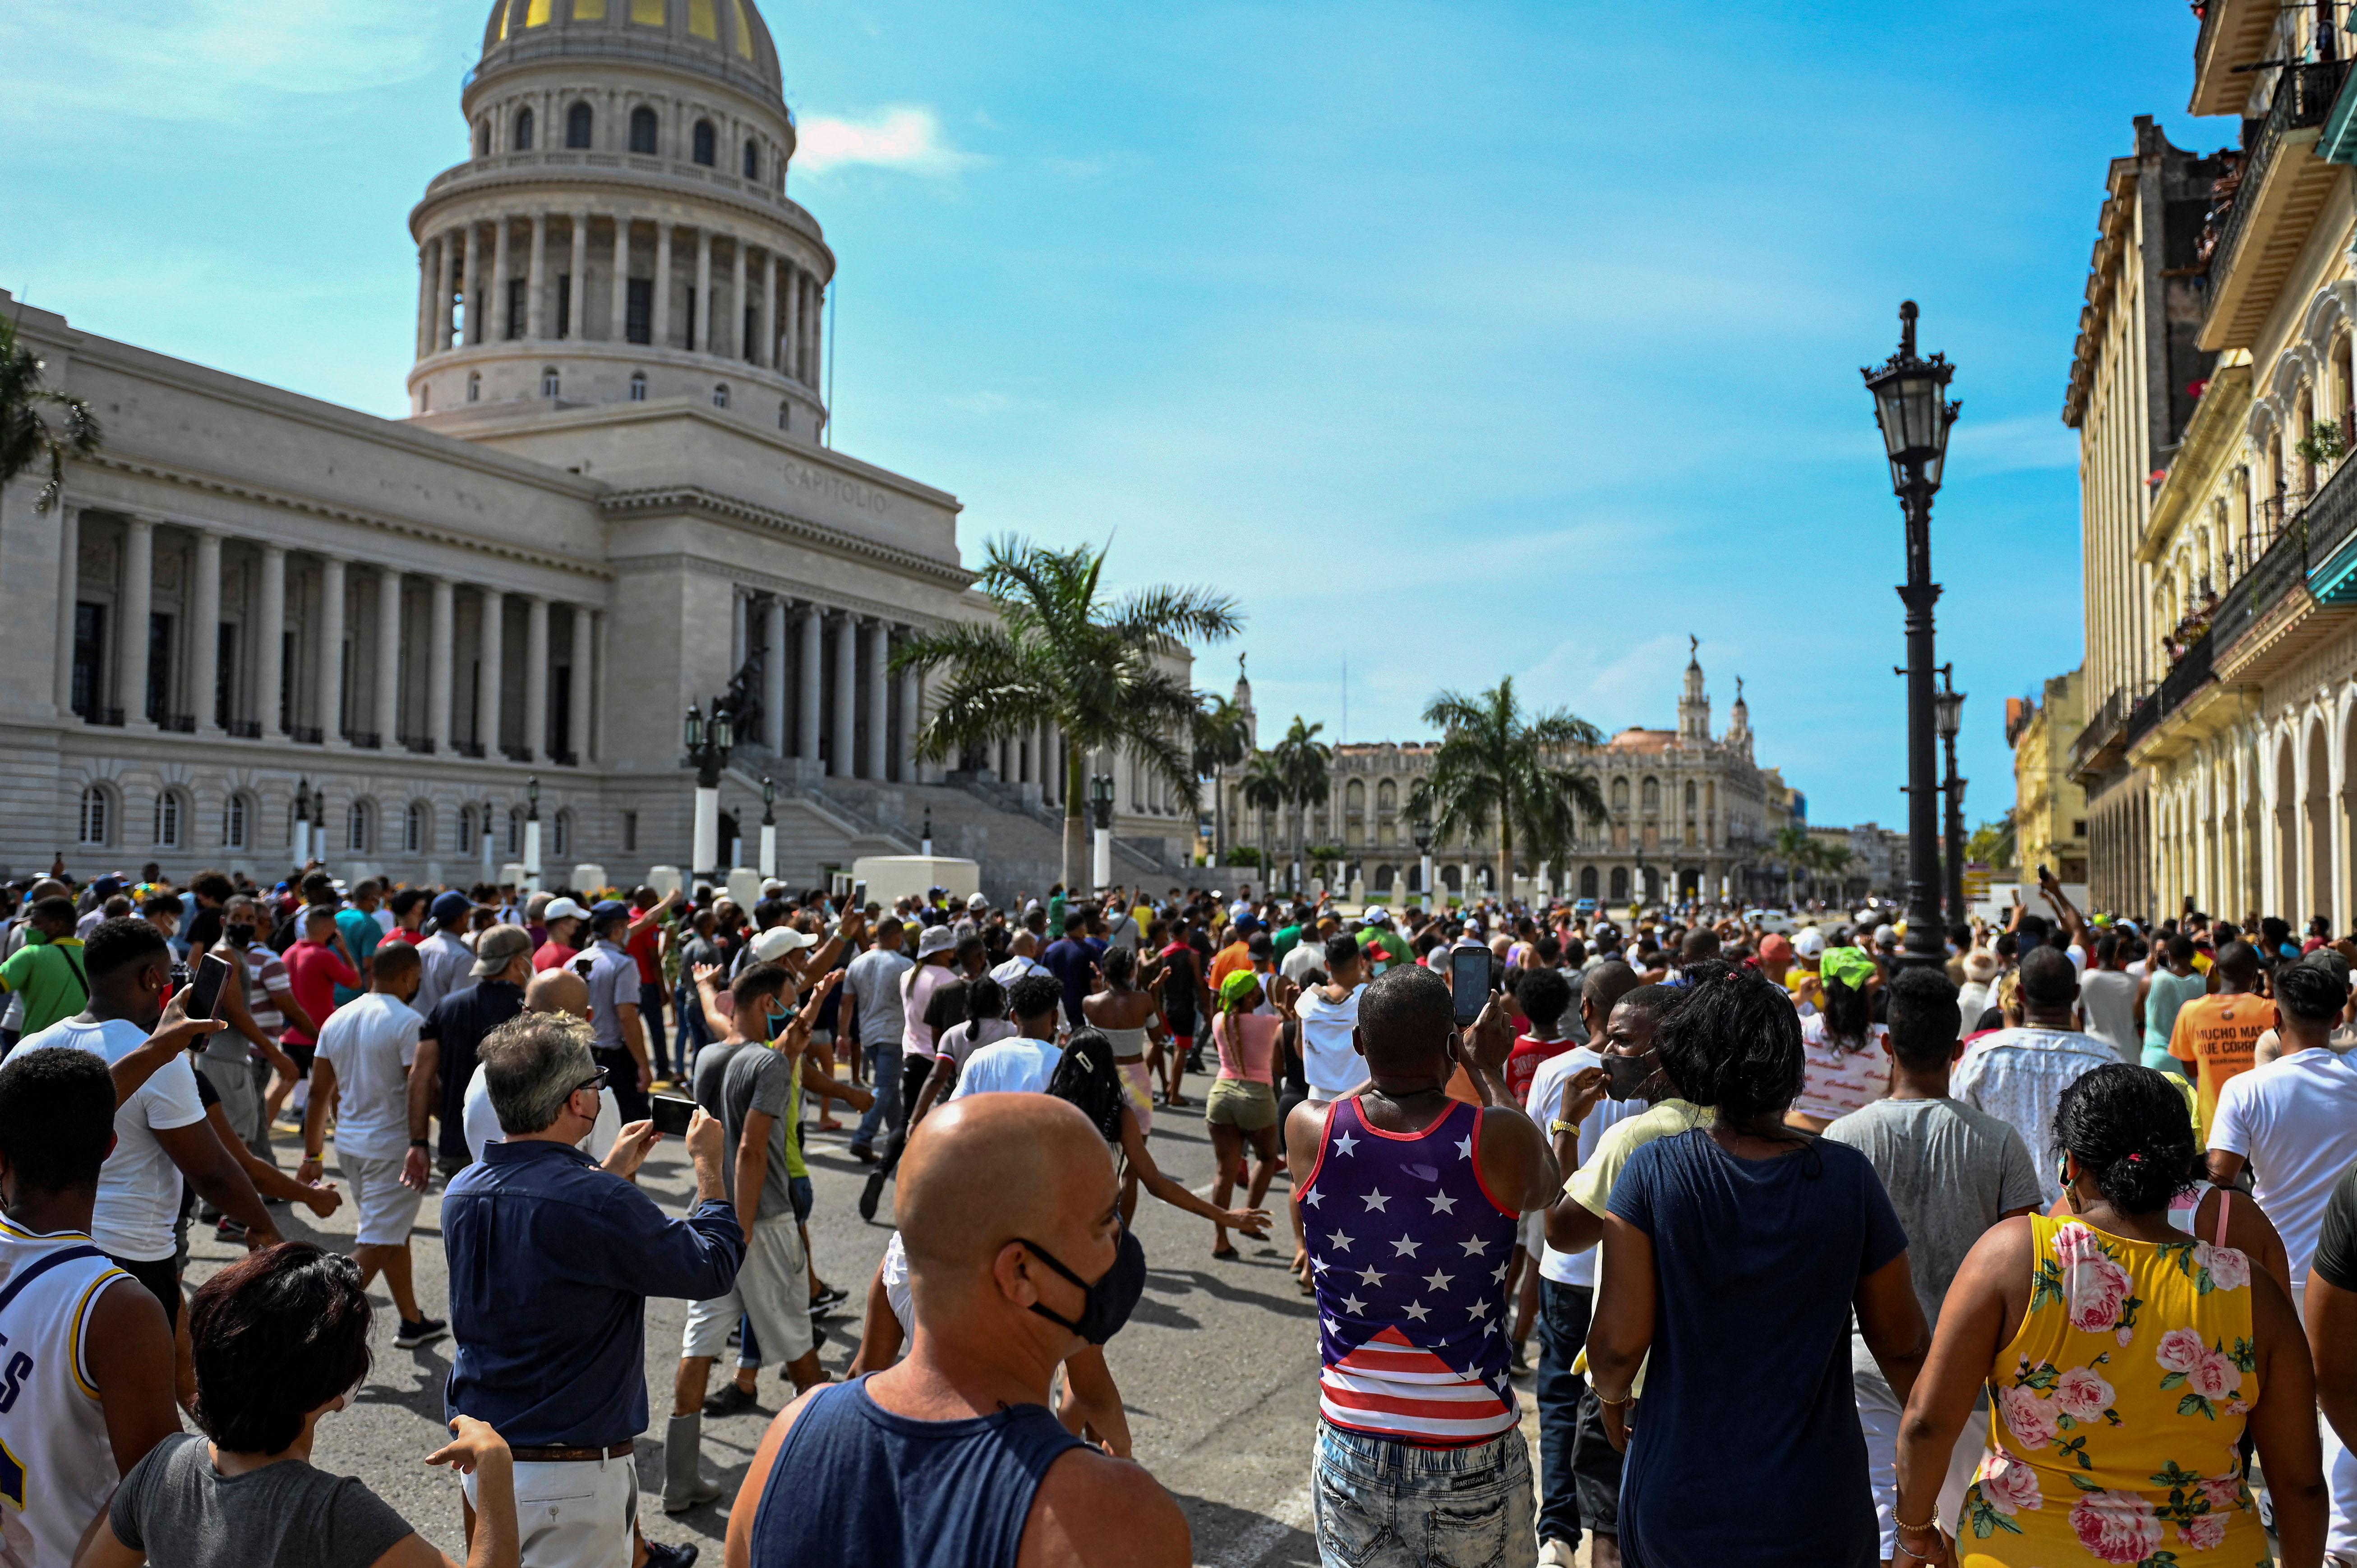 Kubában a kormány kilőtte a közösségi médiát, hogy akadályozzák a diktatúraellenes tüntetéseket